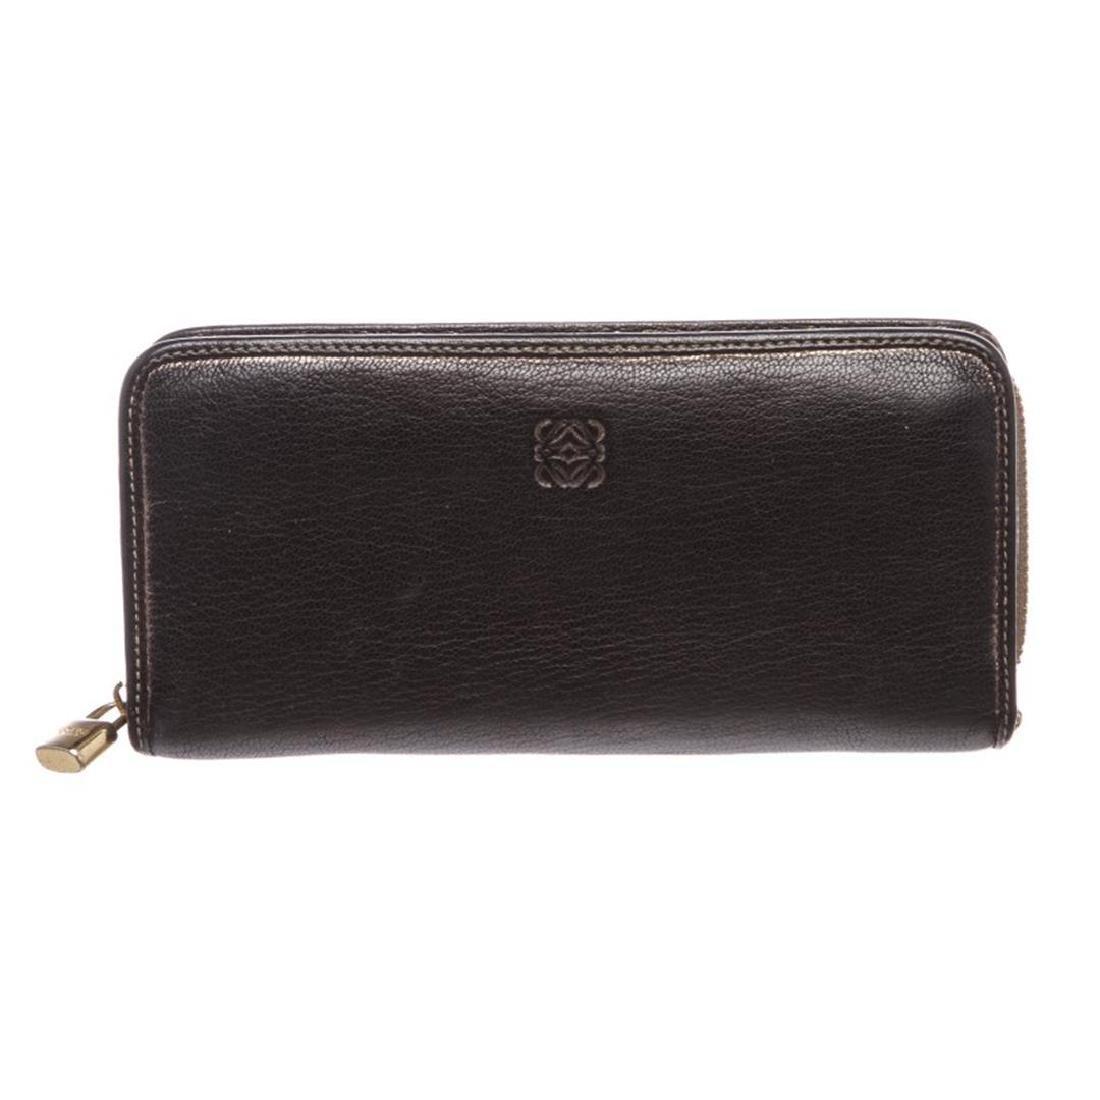 Loewe Black Leather Long Zip Wallet